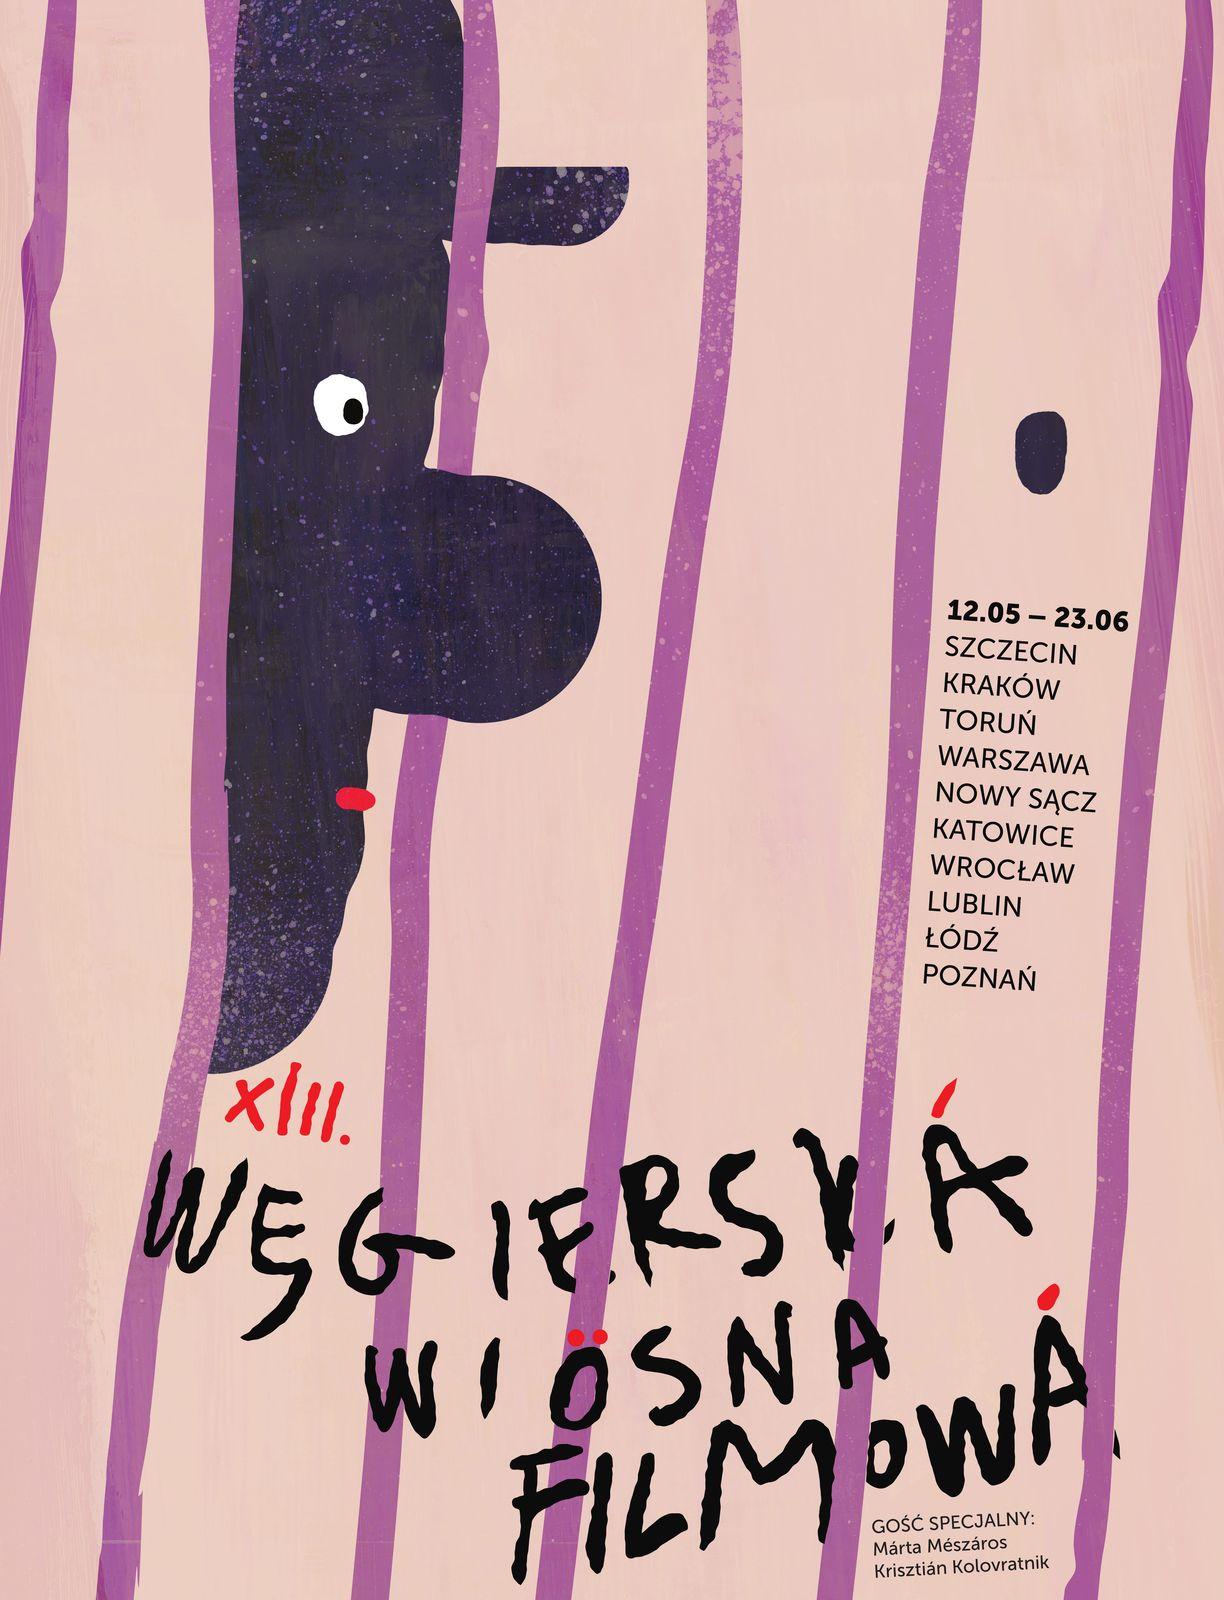 Plakat Festiwalu Węgierska Wiosna Filmowa 2019